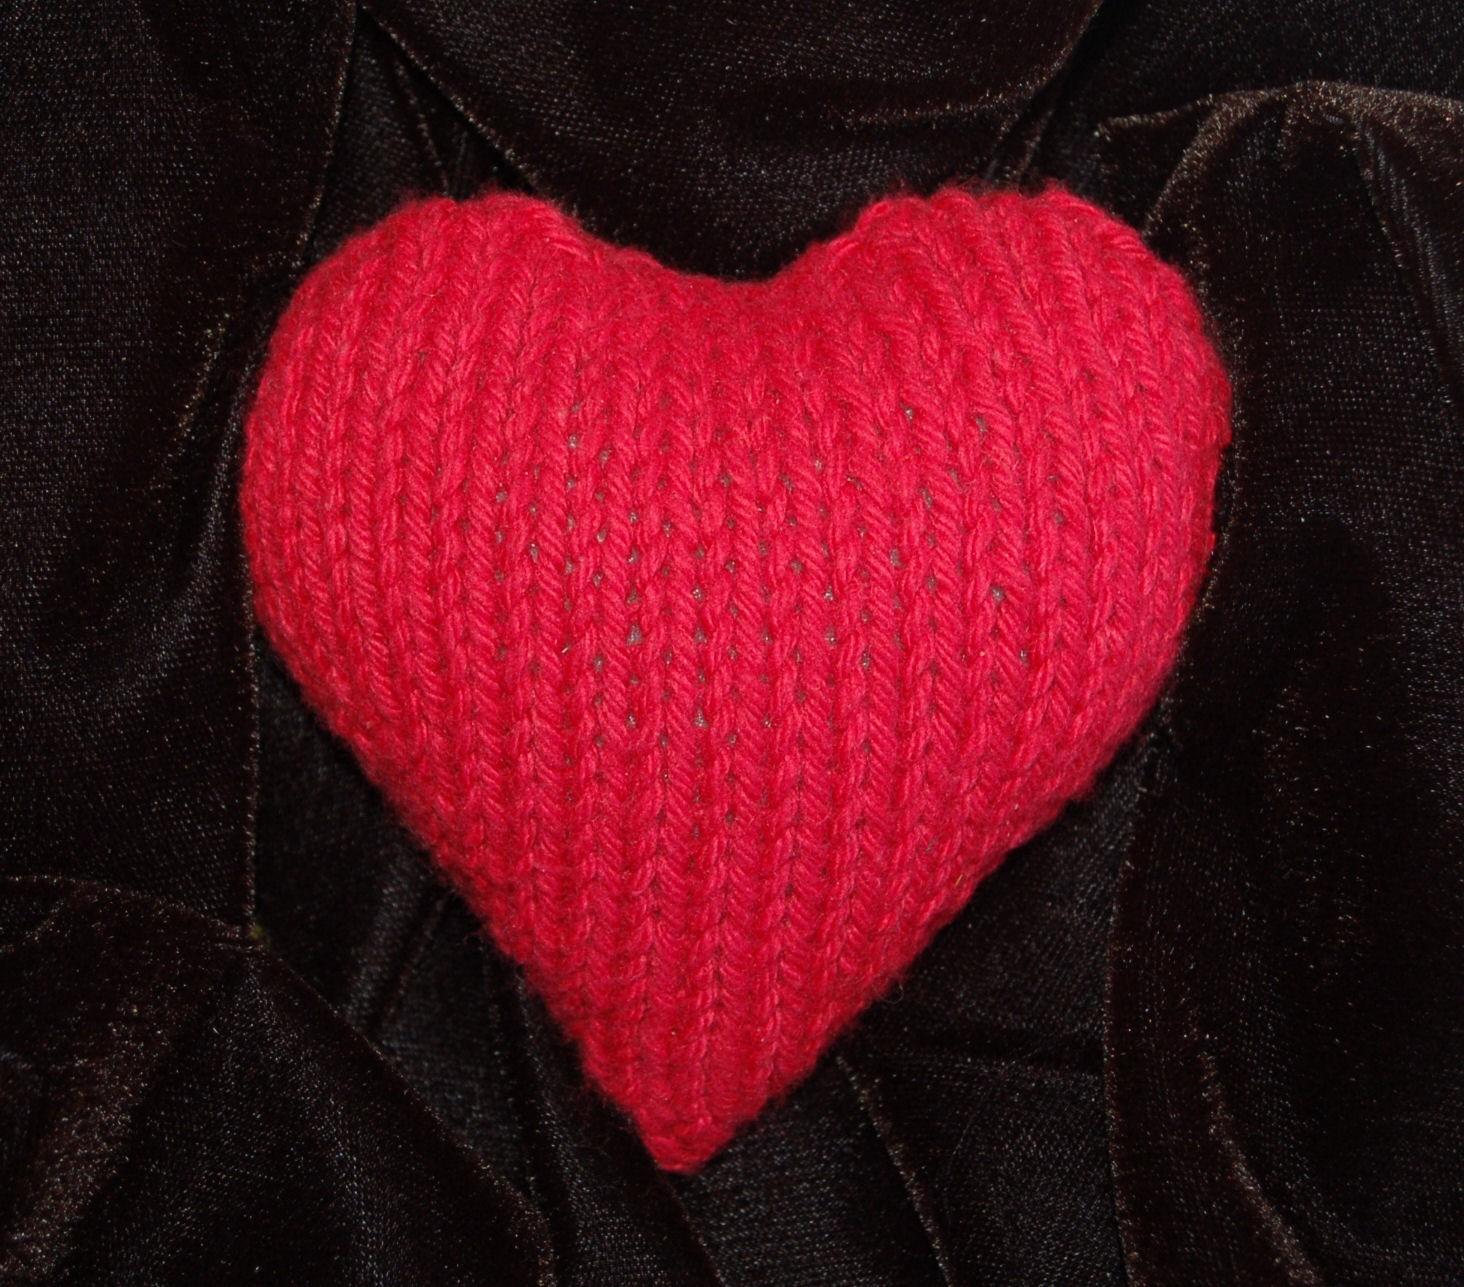 Plush Heart Knitting Pattern : Heart Knitting Pattern A Knitting Blog